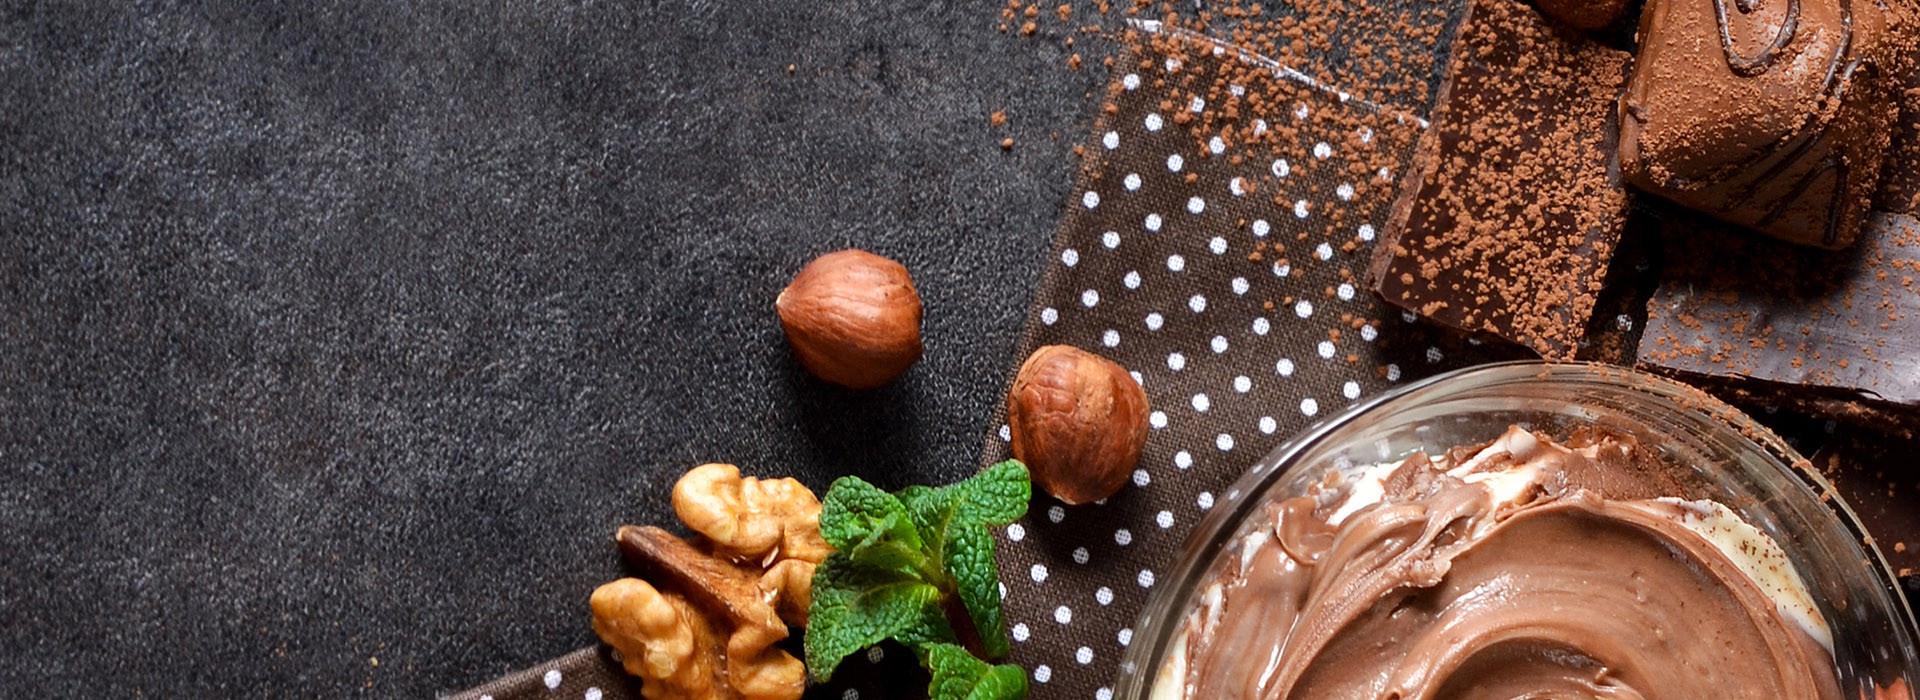 Kleine Schmeicheleien für Auge und Geschmacks-Sinne. Erleben Sie feine Gastronomie in den Ratsstuben Weissach - zwischen Leonberg, Mönsheim, Heimsheim und Rutesheim gelegen.Leonberg